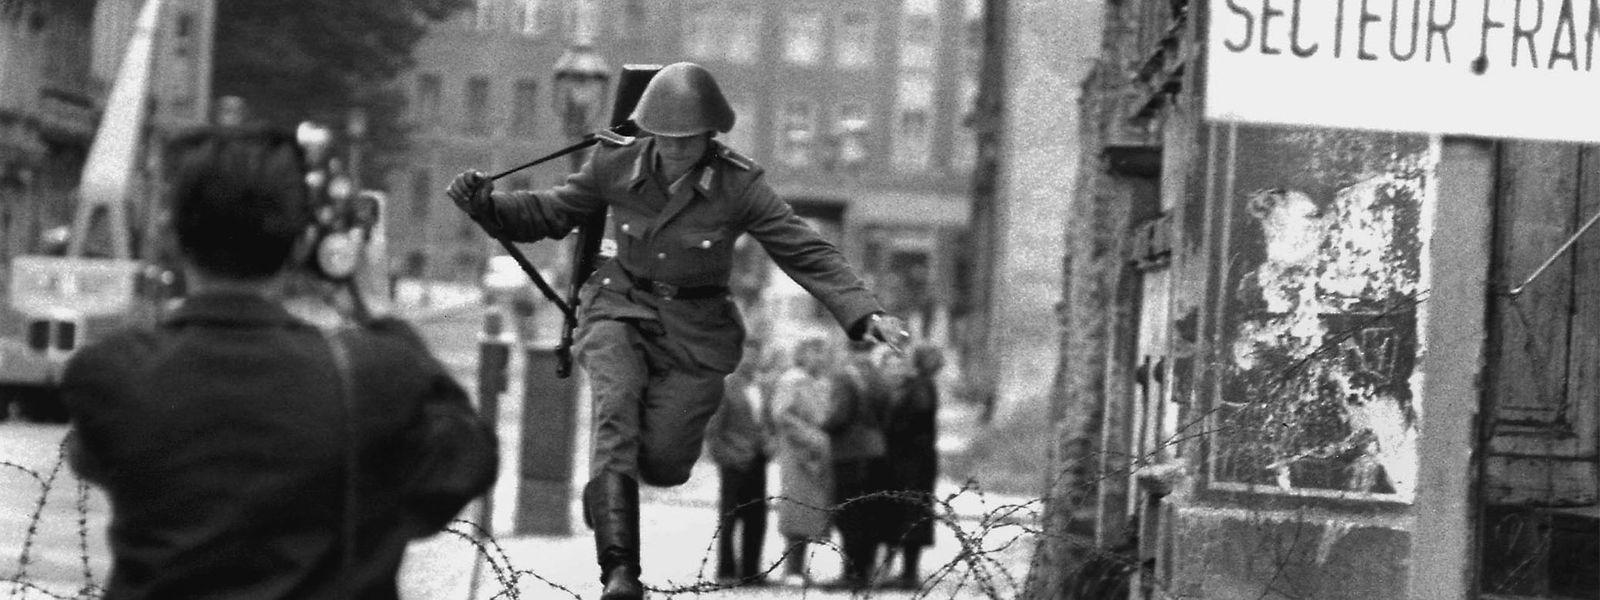 Ein Foto, das um die Welt geht. Am 15. August 1961 springt der DDR-Grenzpolizist Conrad Schumann über den Stacheldraht in den Westen.